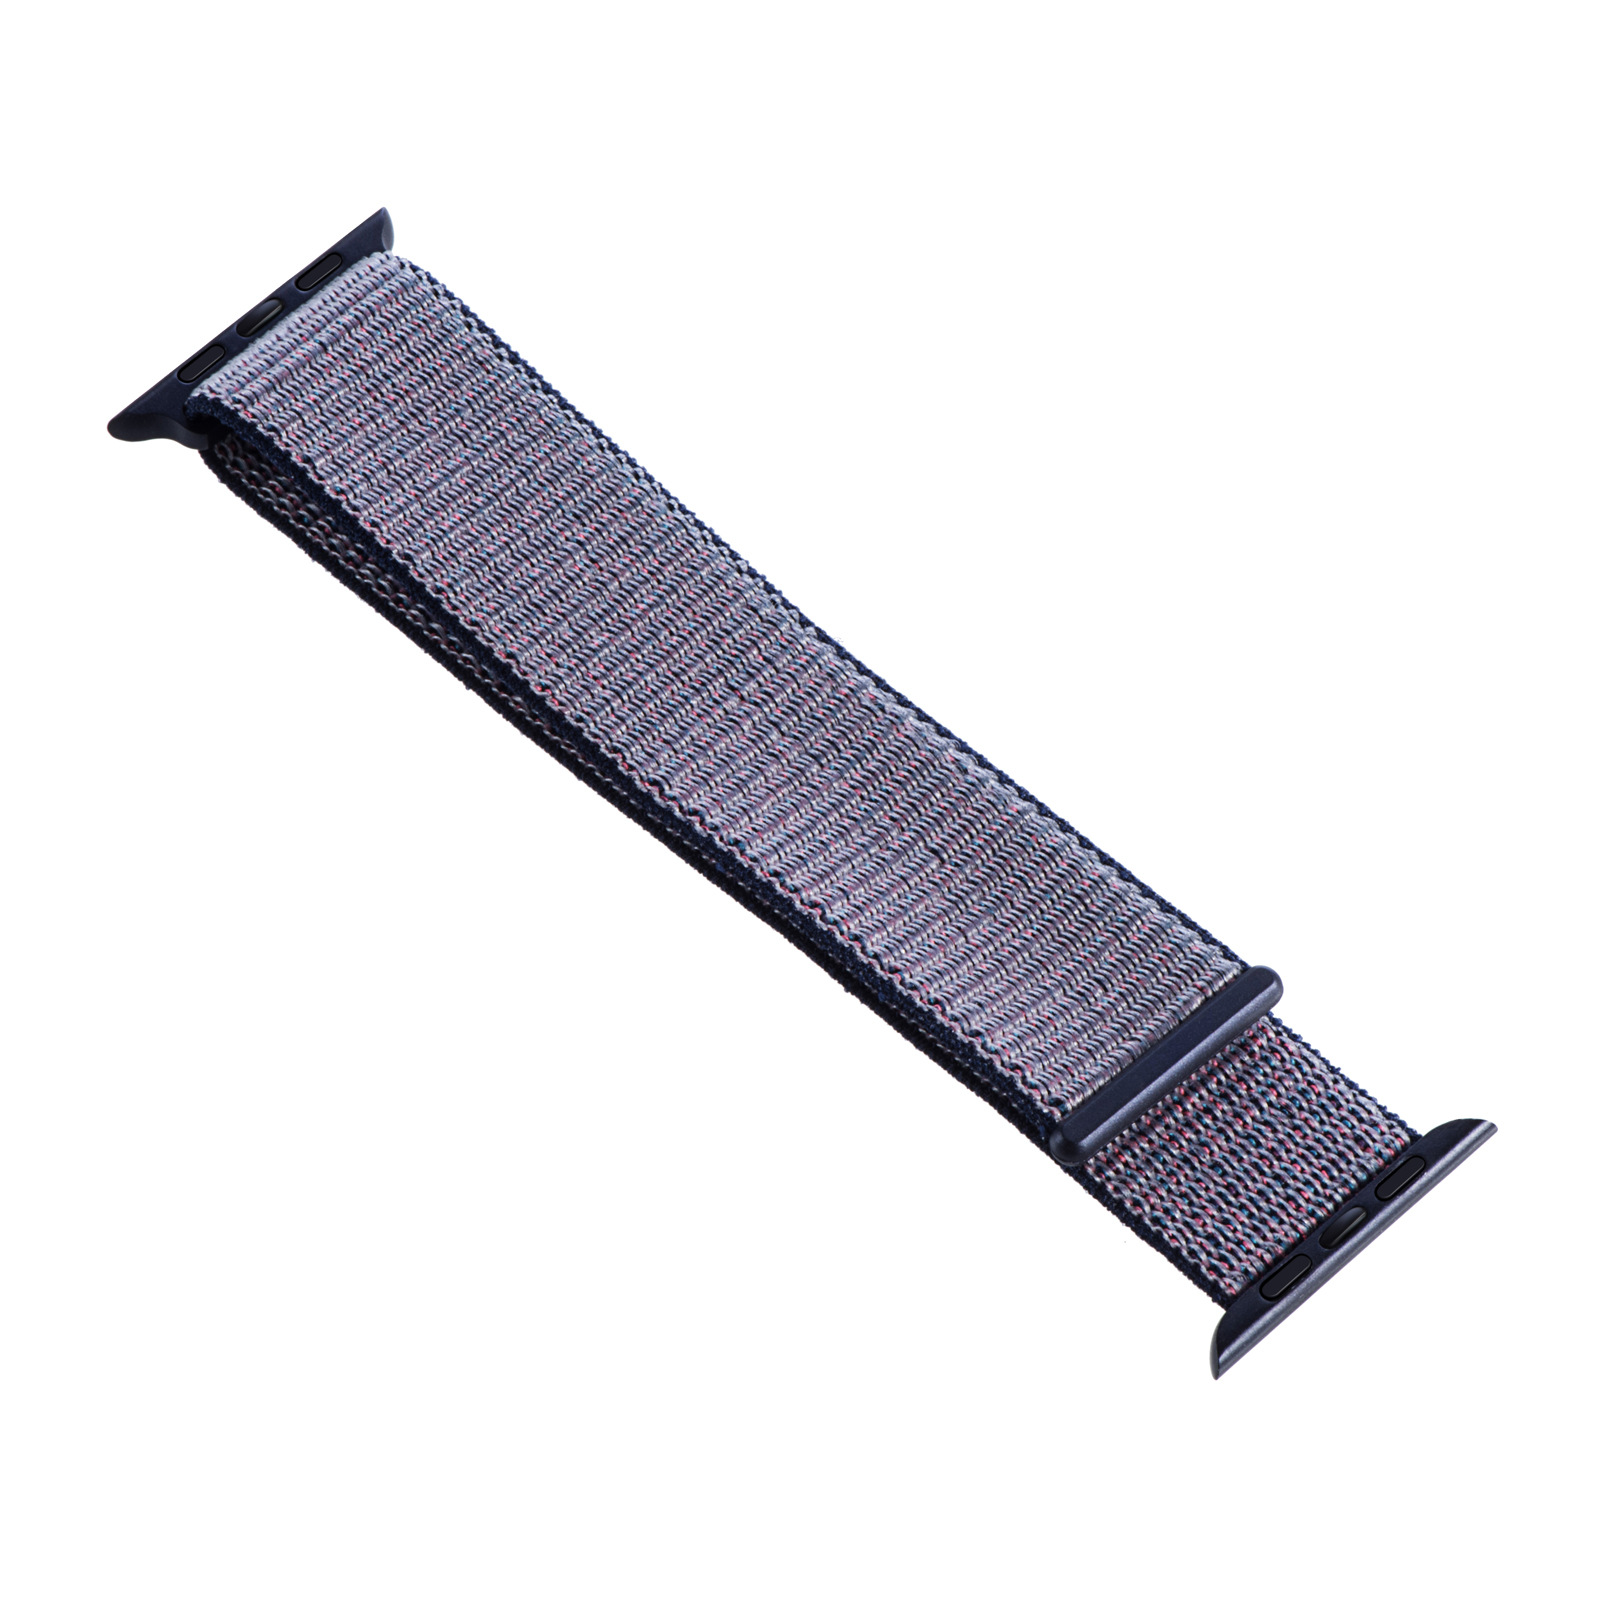 Dây Đeo Thay Thế Cho Đồng Hồ Thông Minh Apple Watch Series 1 / 2 / 3 / 4 ( Size 38 / 40 mm ) Dây Nylon